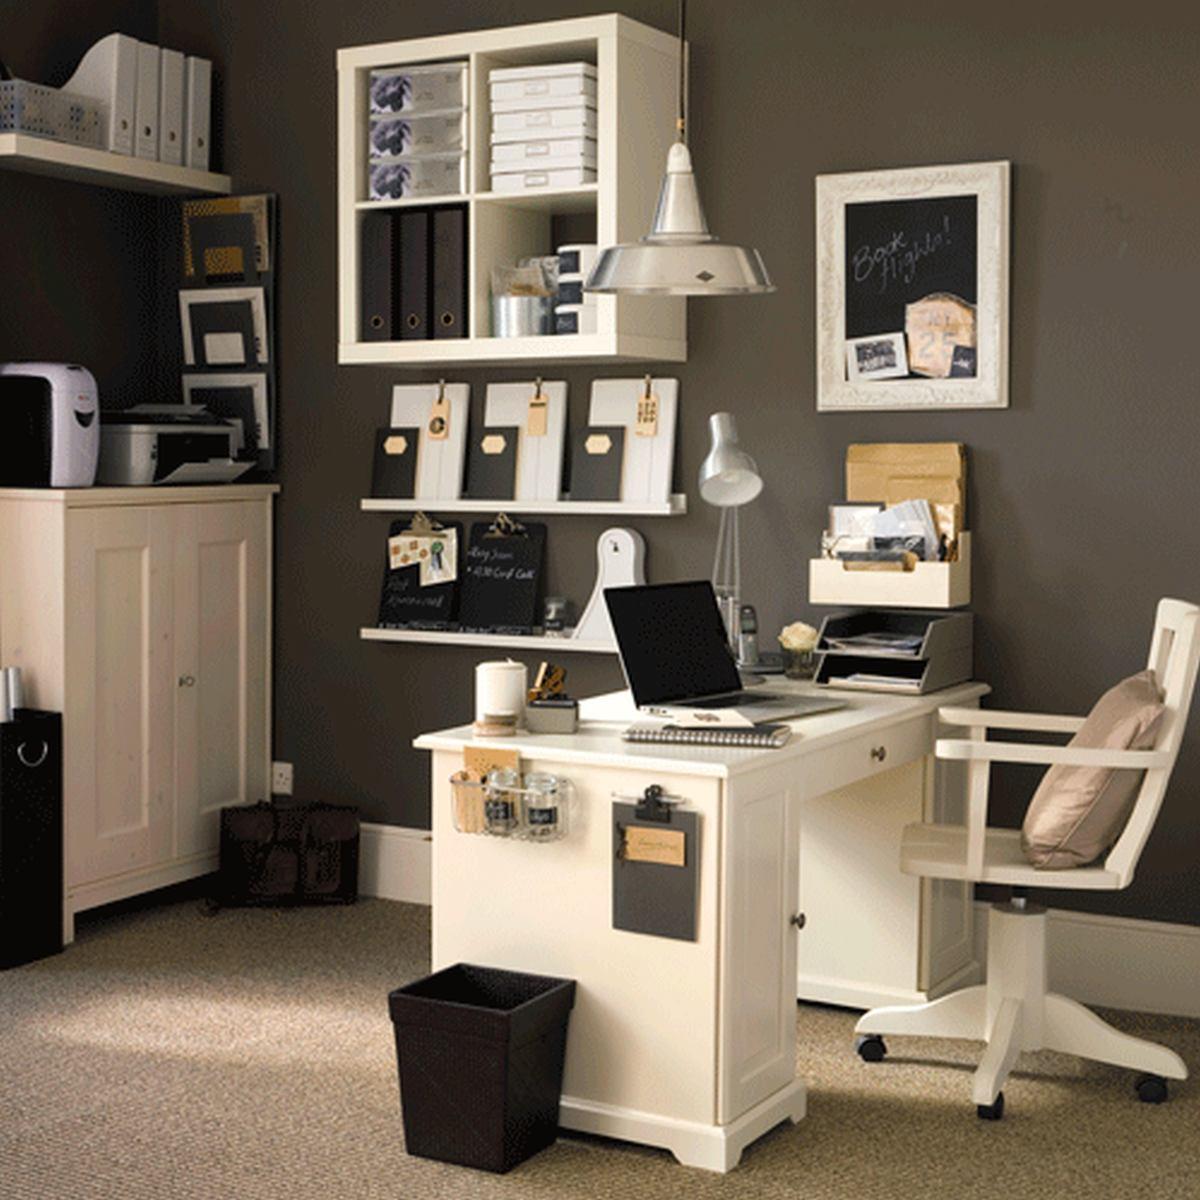 Office Color Ideas  The Best Office Paint Colors